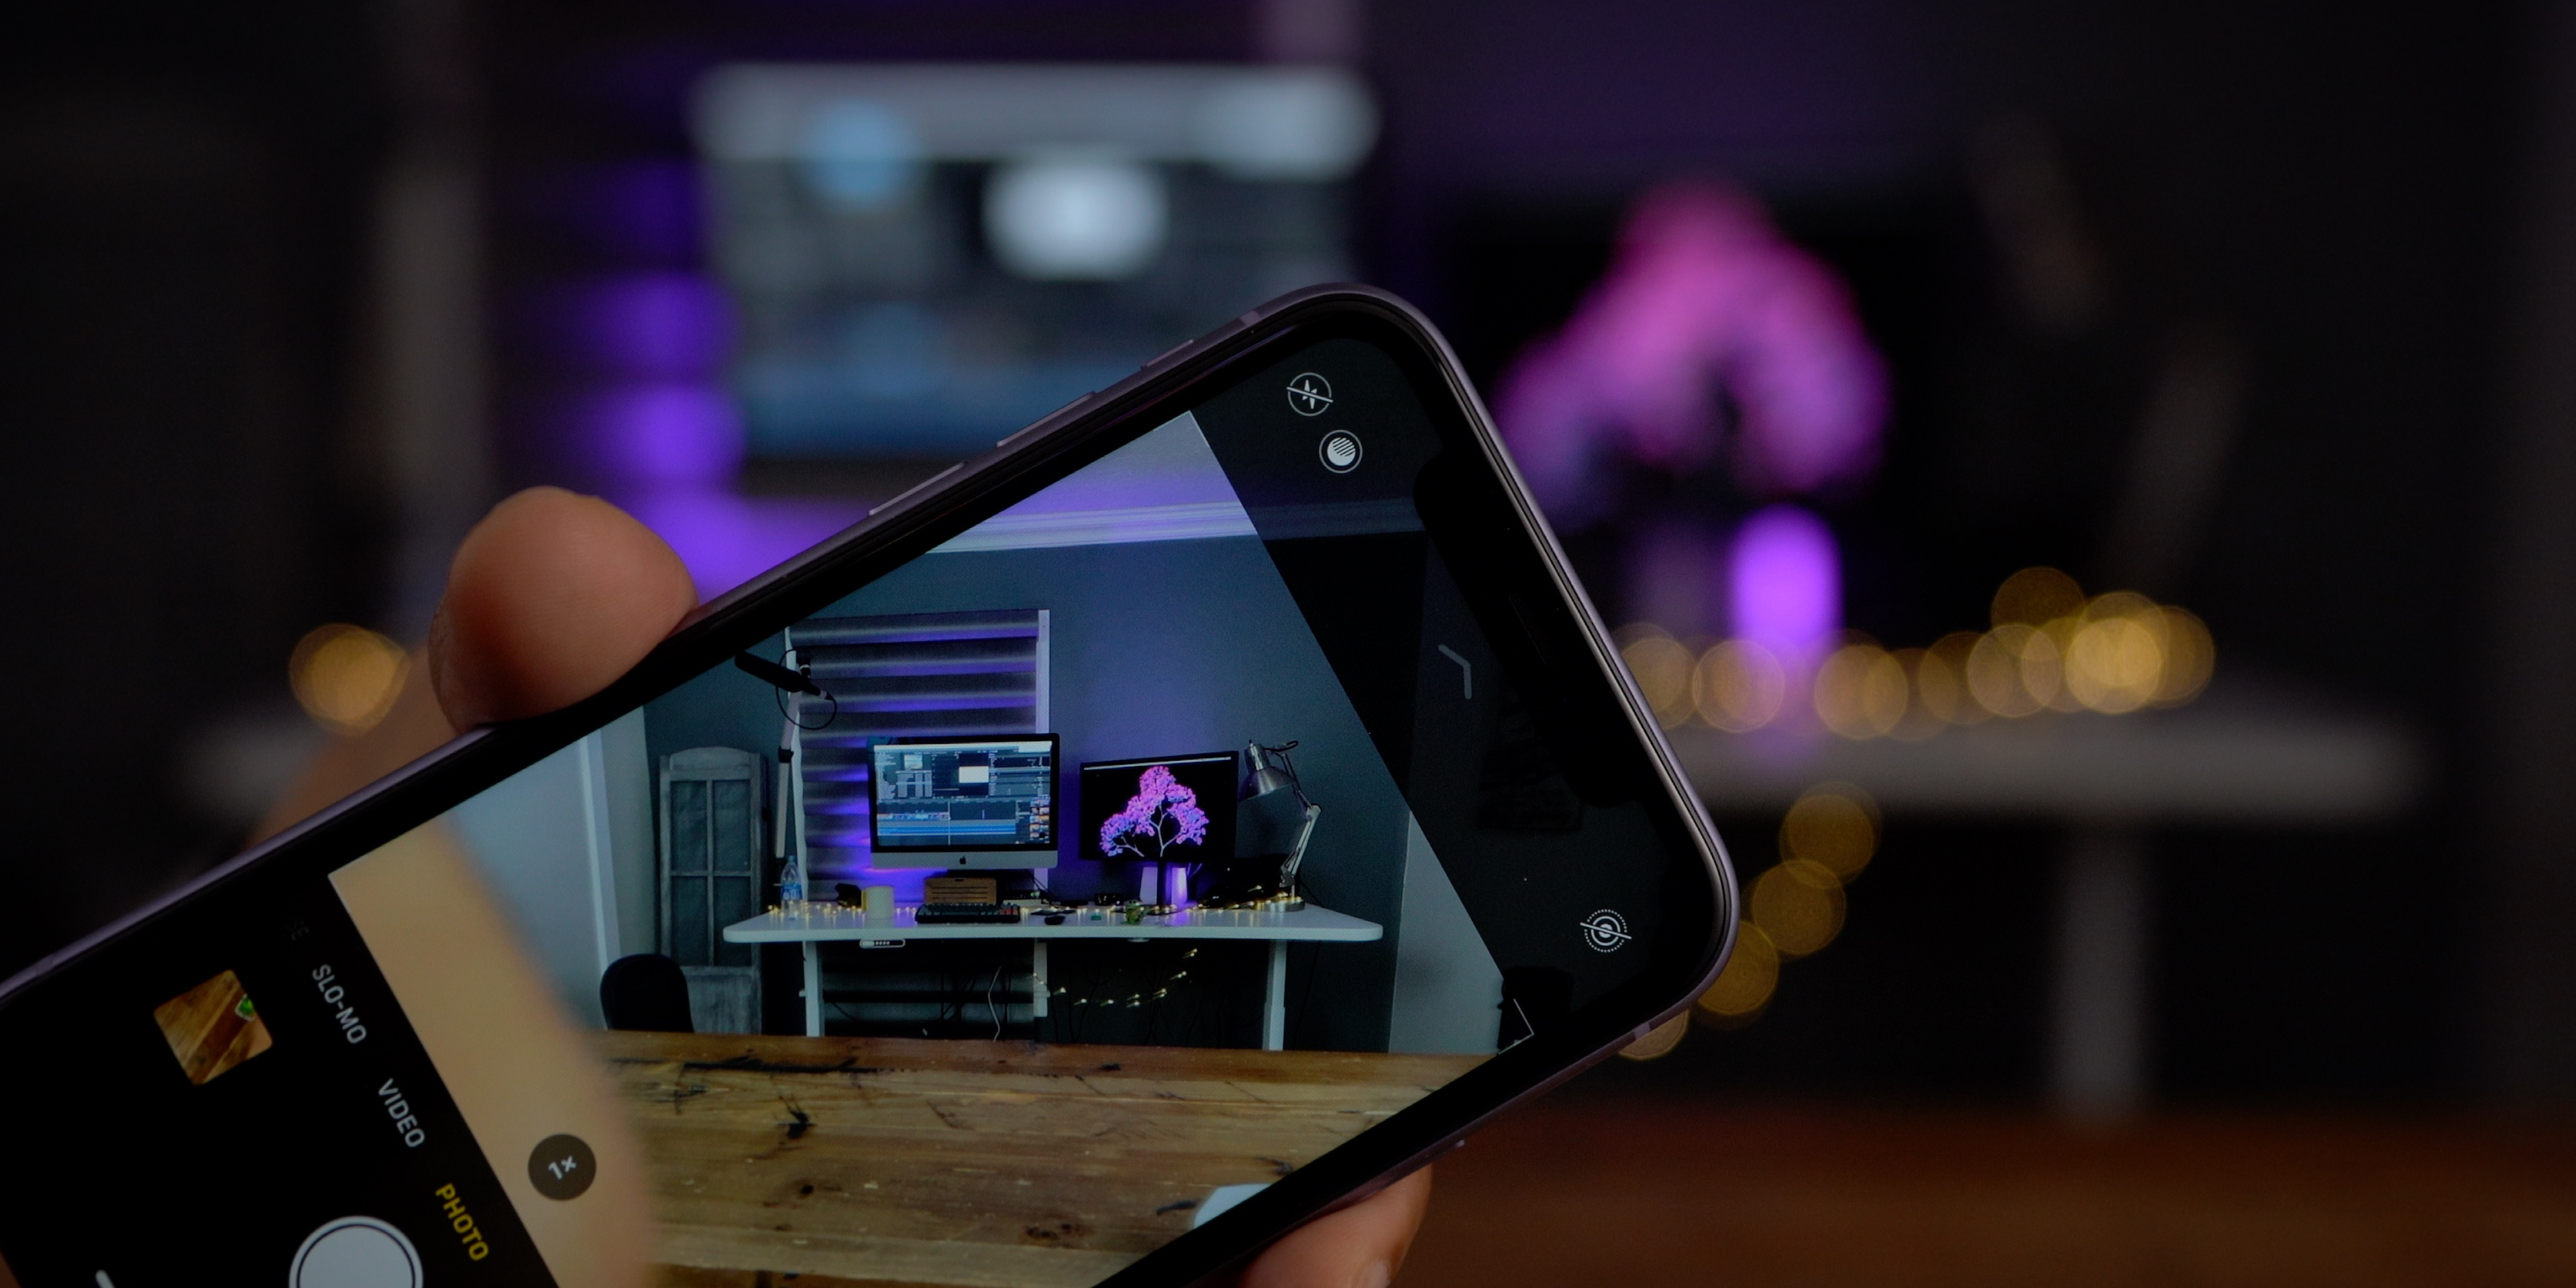 iPhone 11 camera app UI